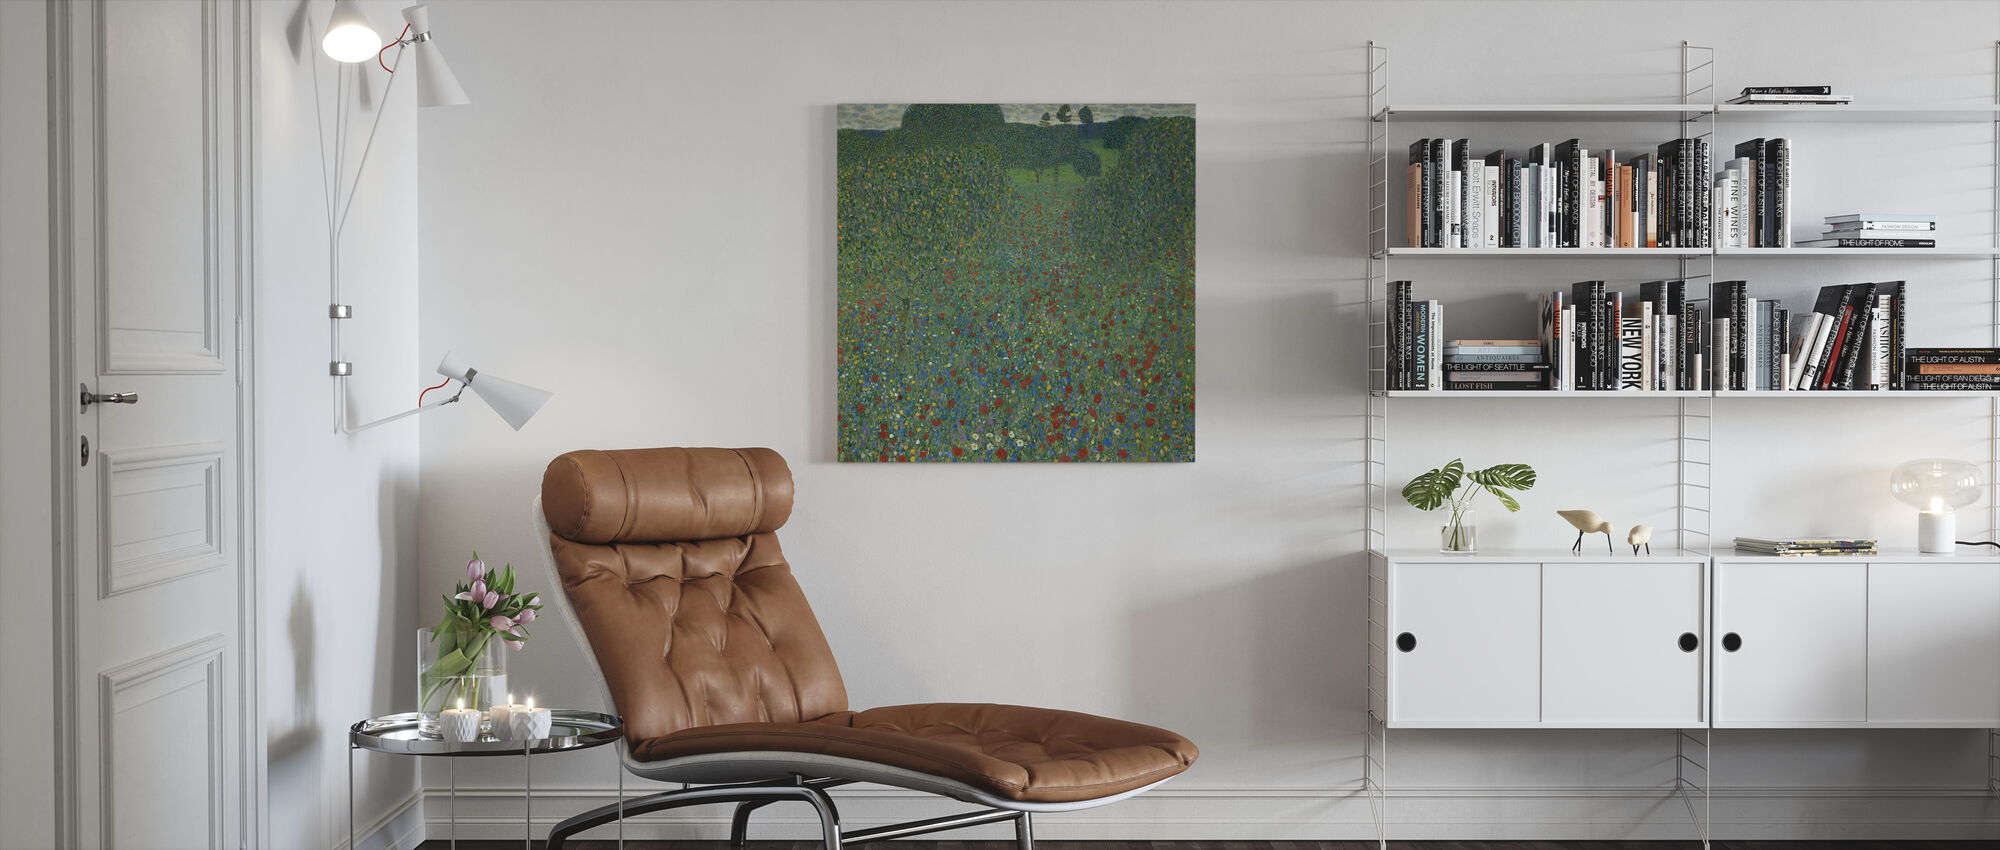 Klimt, Gustav - Field of Poppies - Canvas print - Living Room